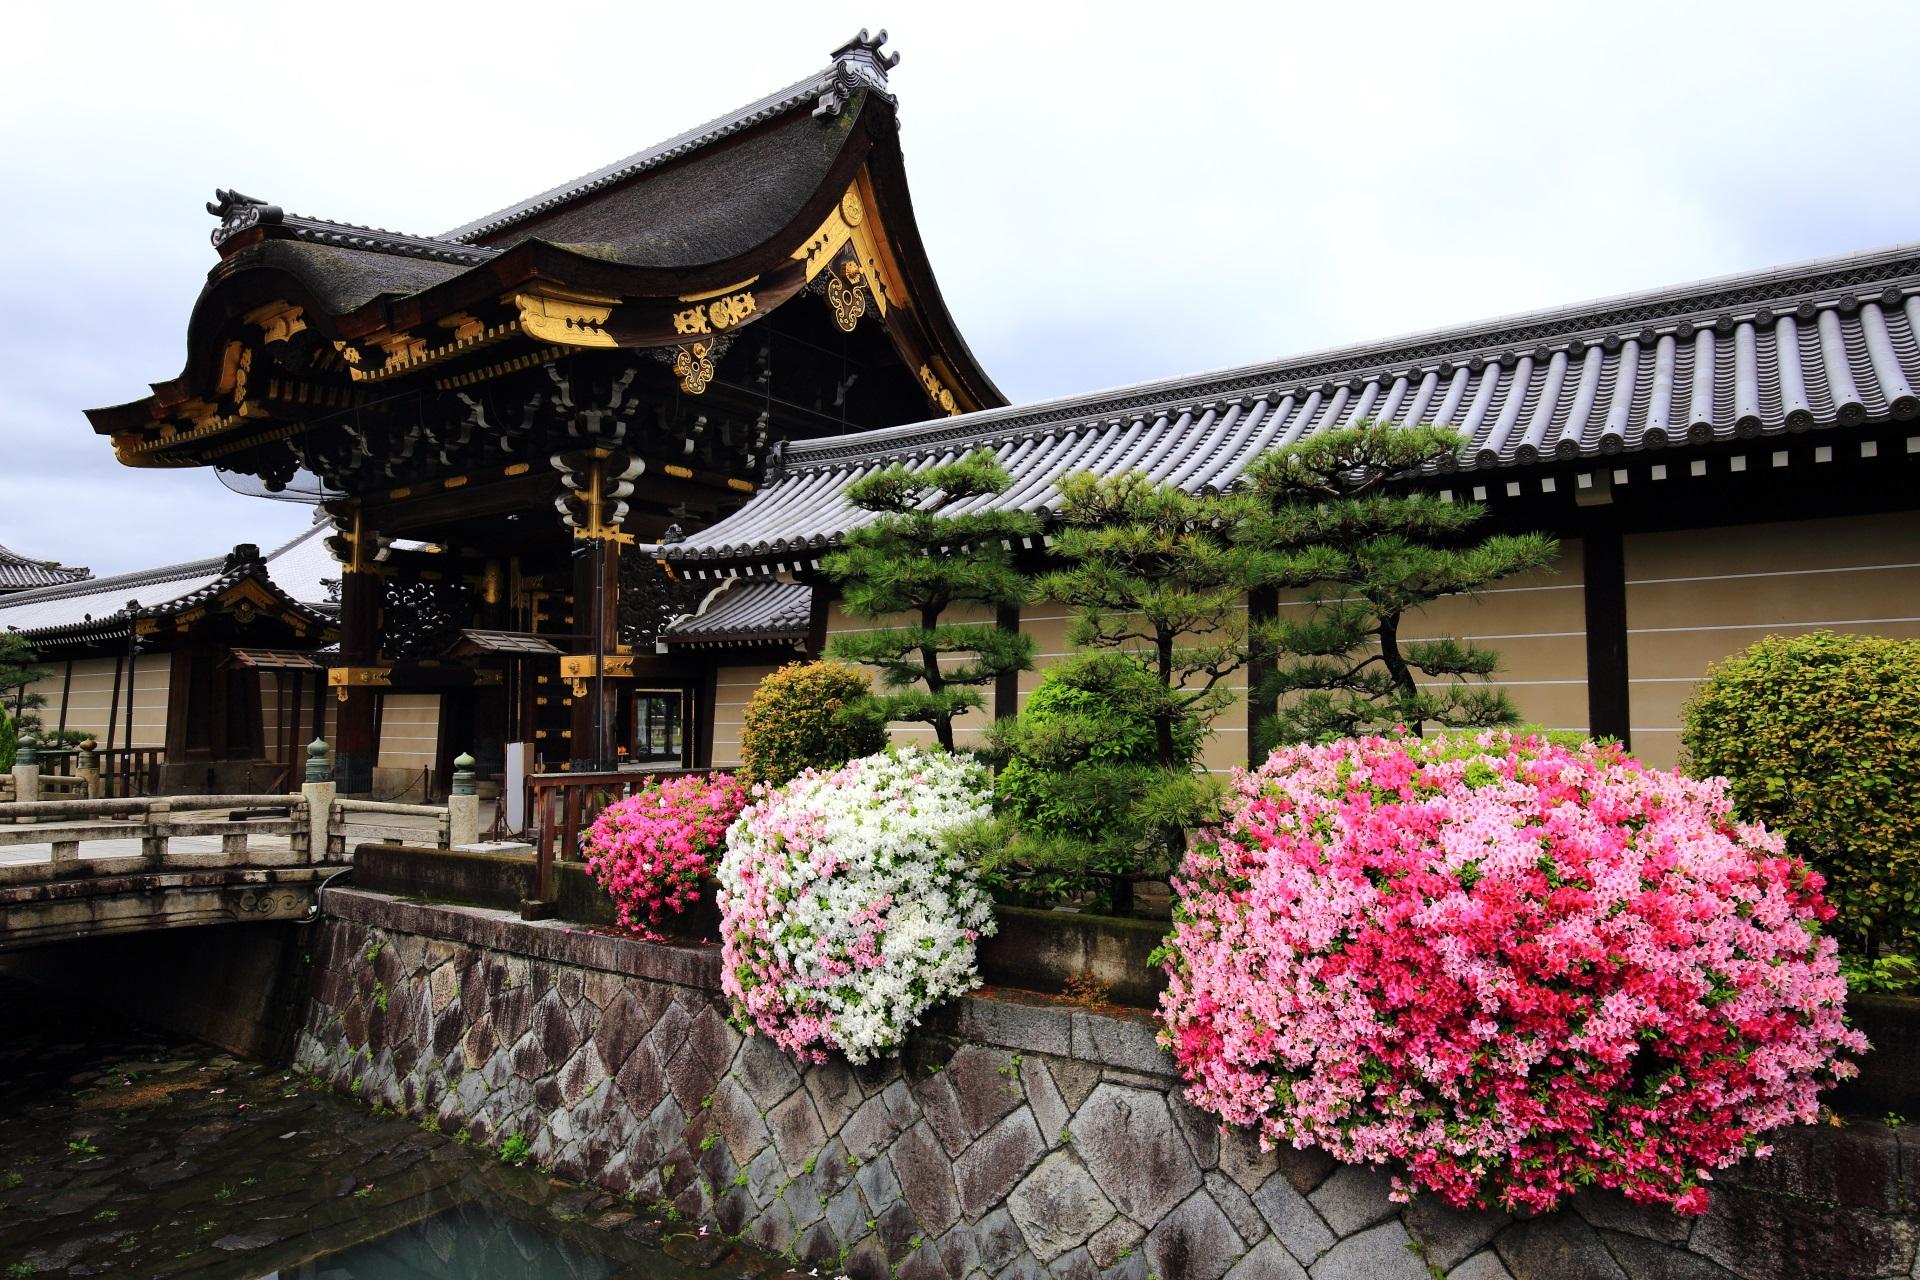 雄大な阿弥陀堂門を彩る鮮やかなツツジ